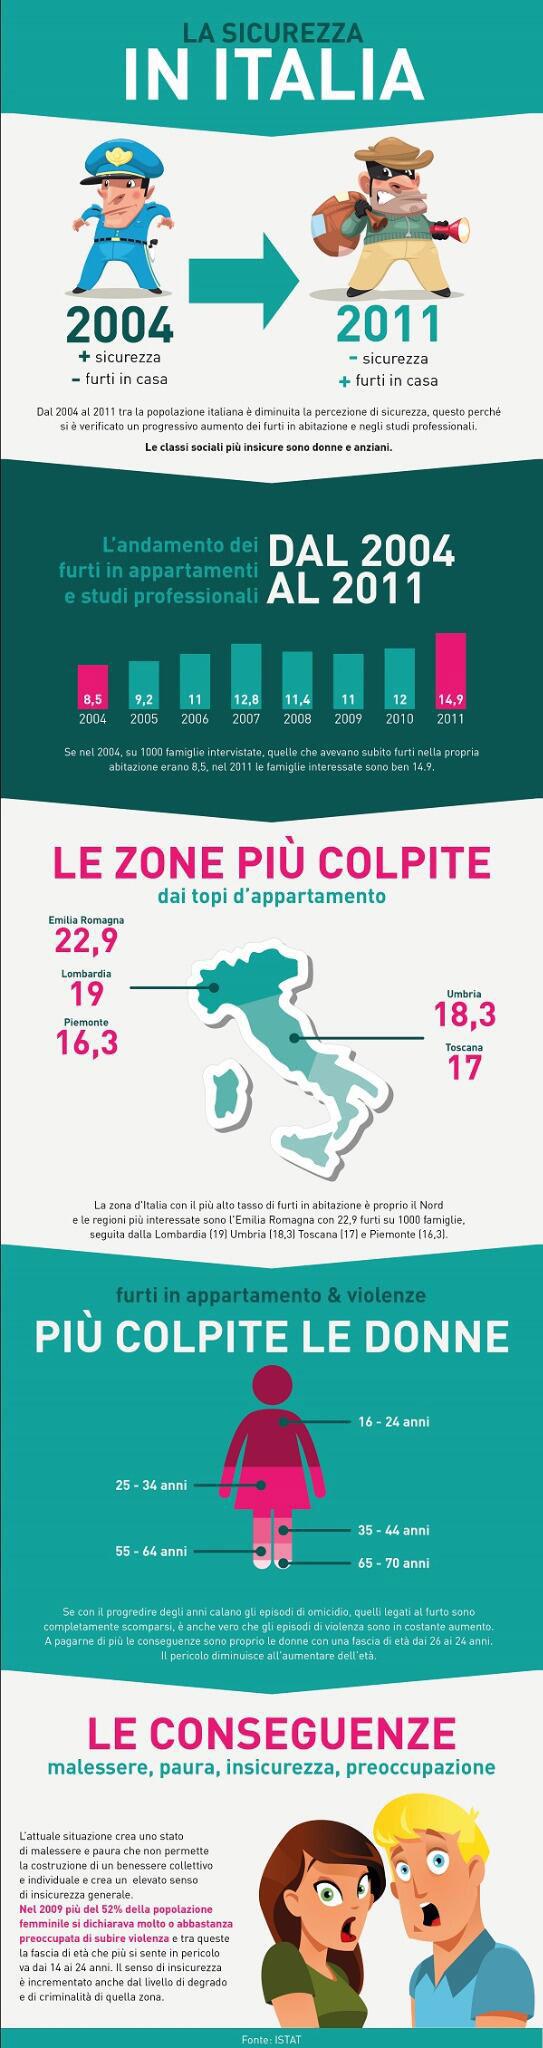 Sicurezza in Italia